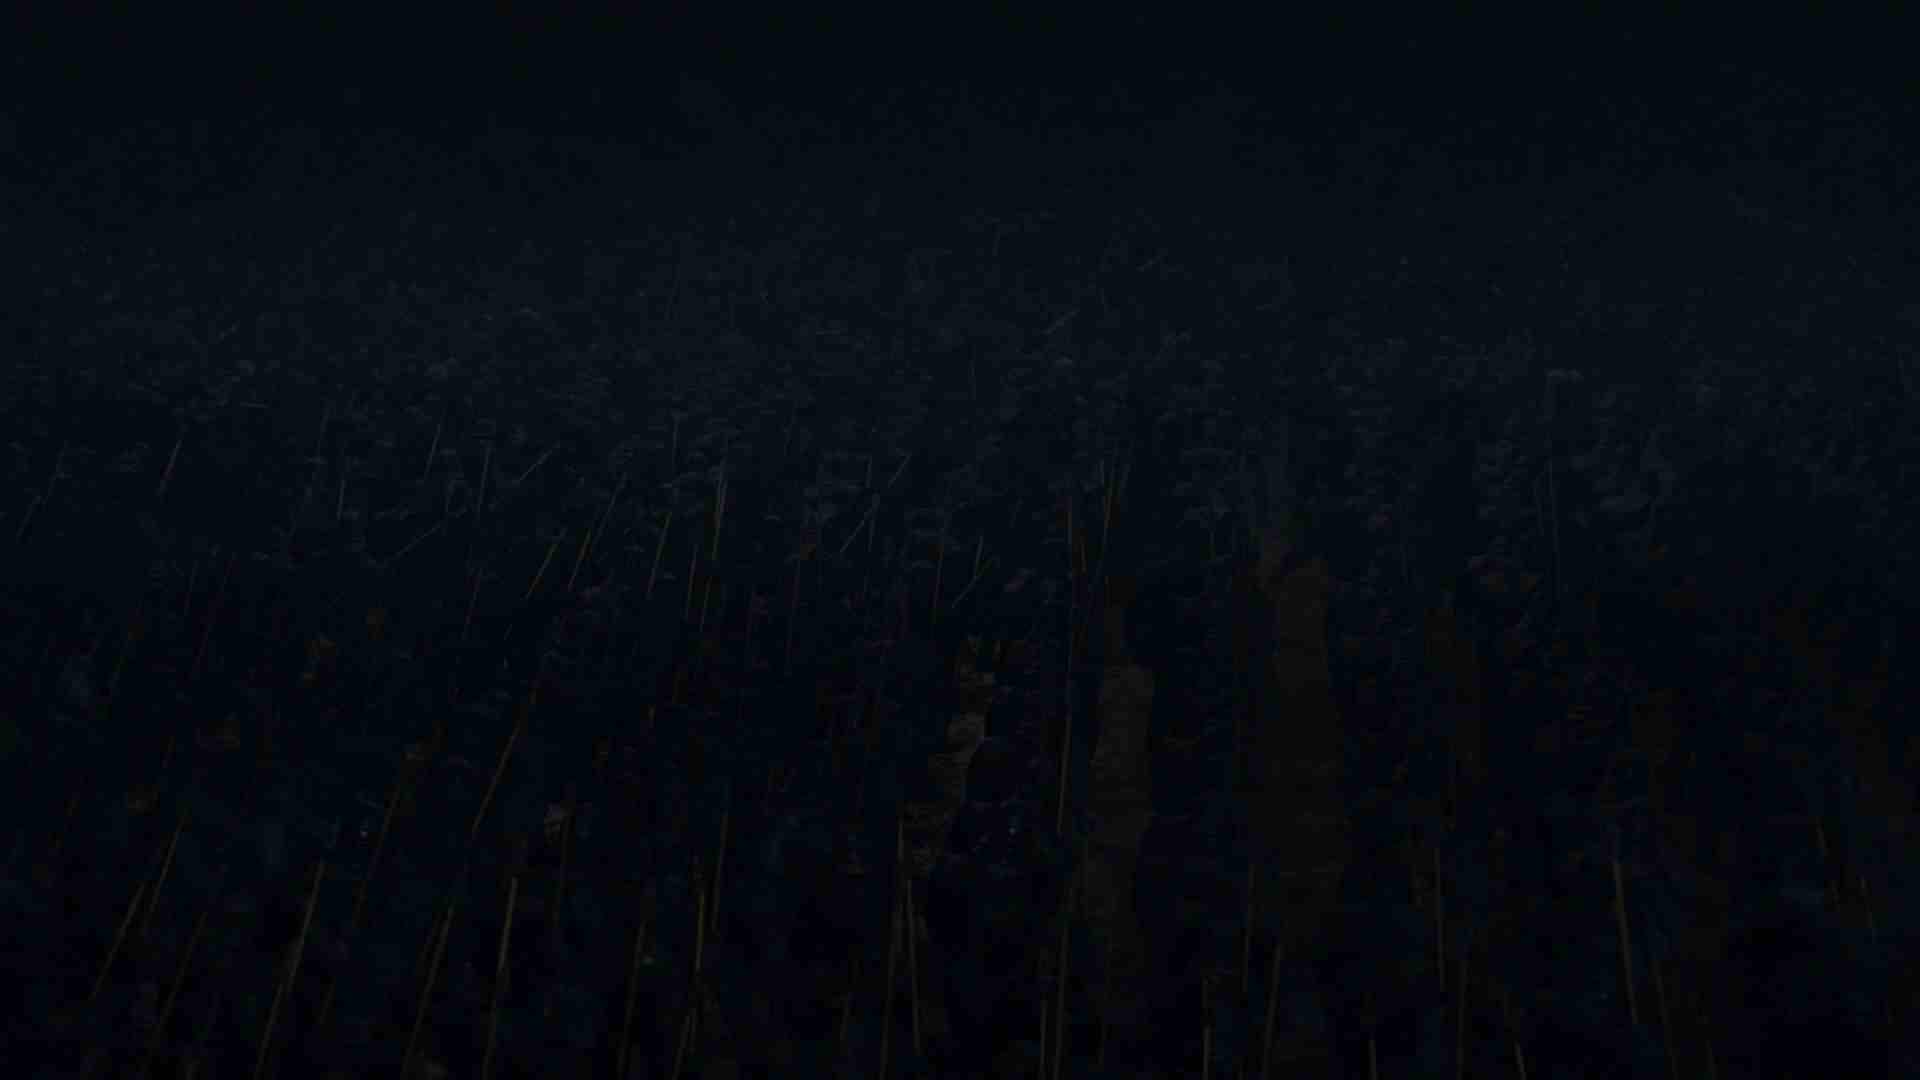 En arme? En skog? Eller kanskje bare en svart vegg? Hva tror du?